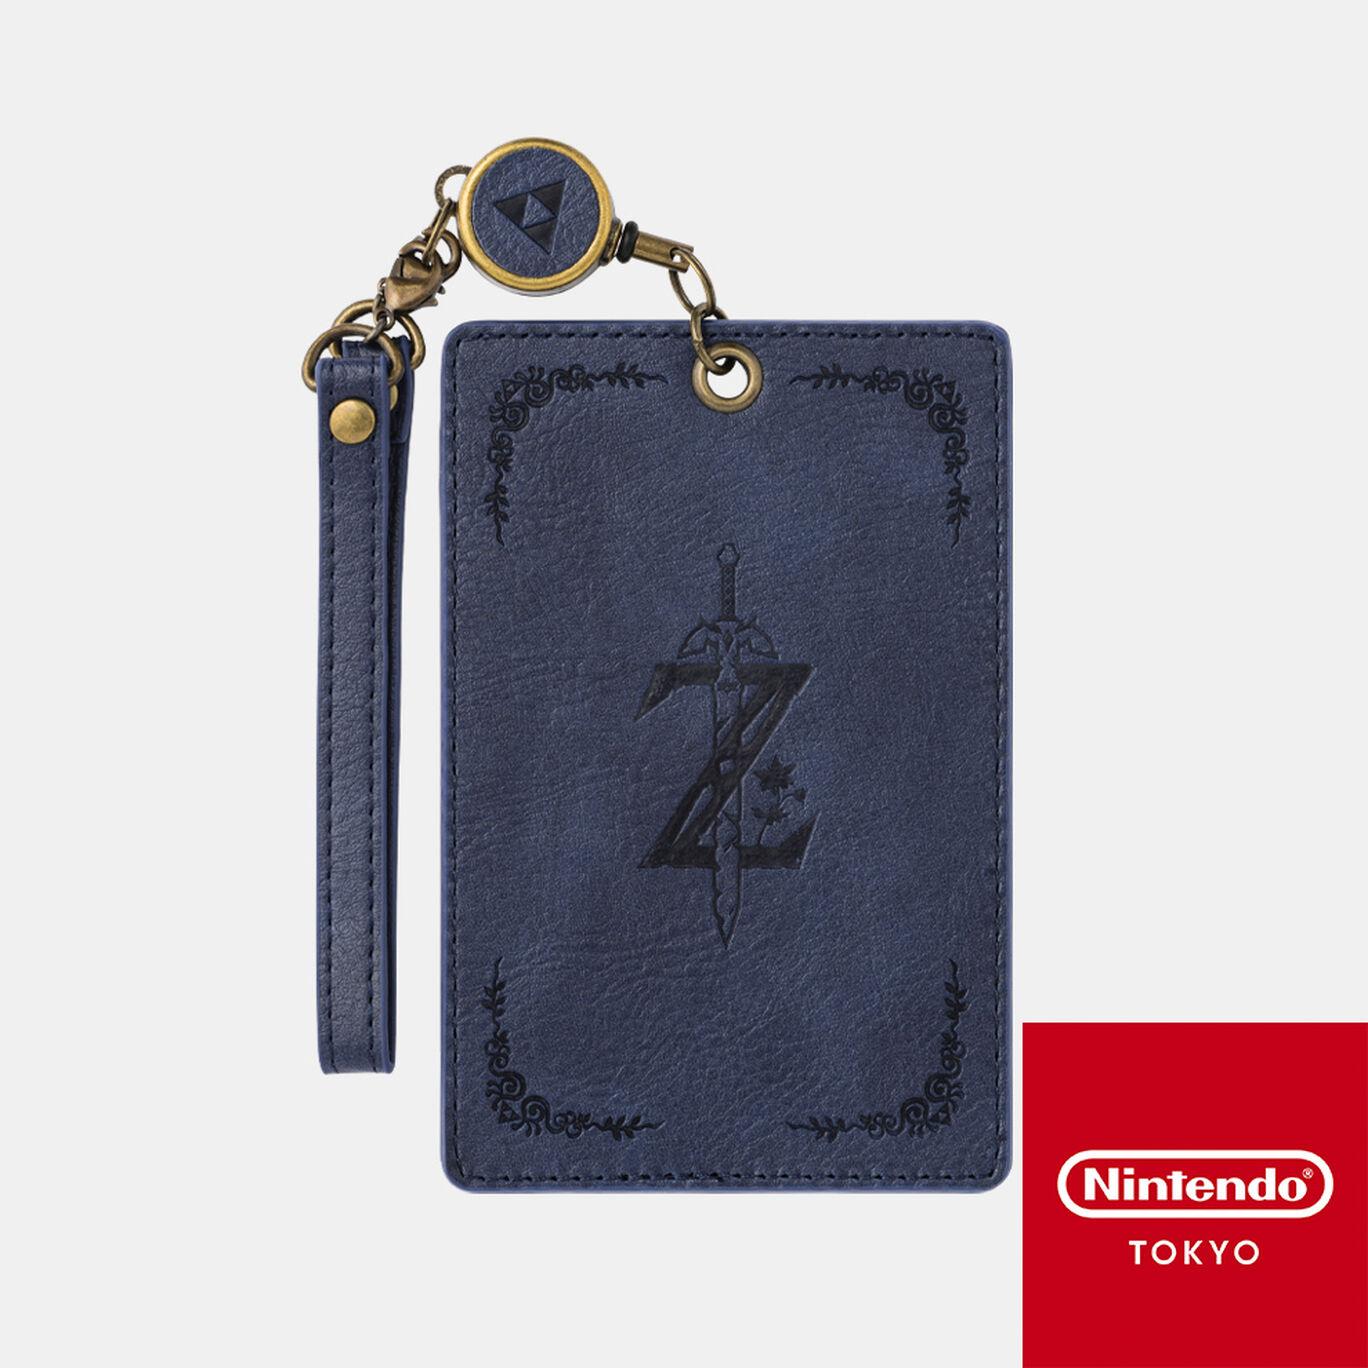 パスケース ゼルダの伝説 B【Nintendo TOKYO取り扱い商品】